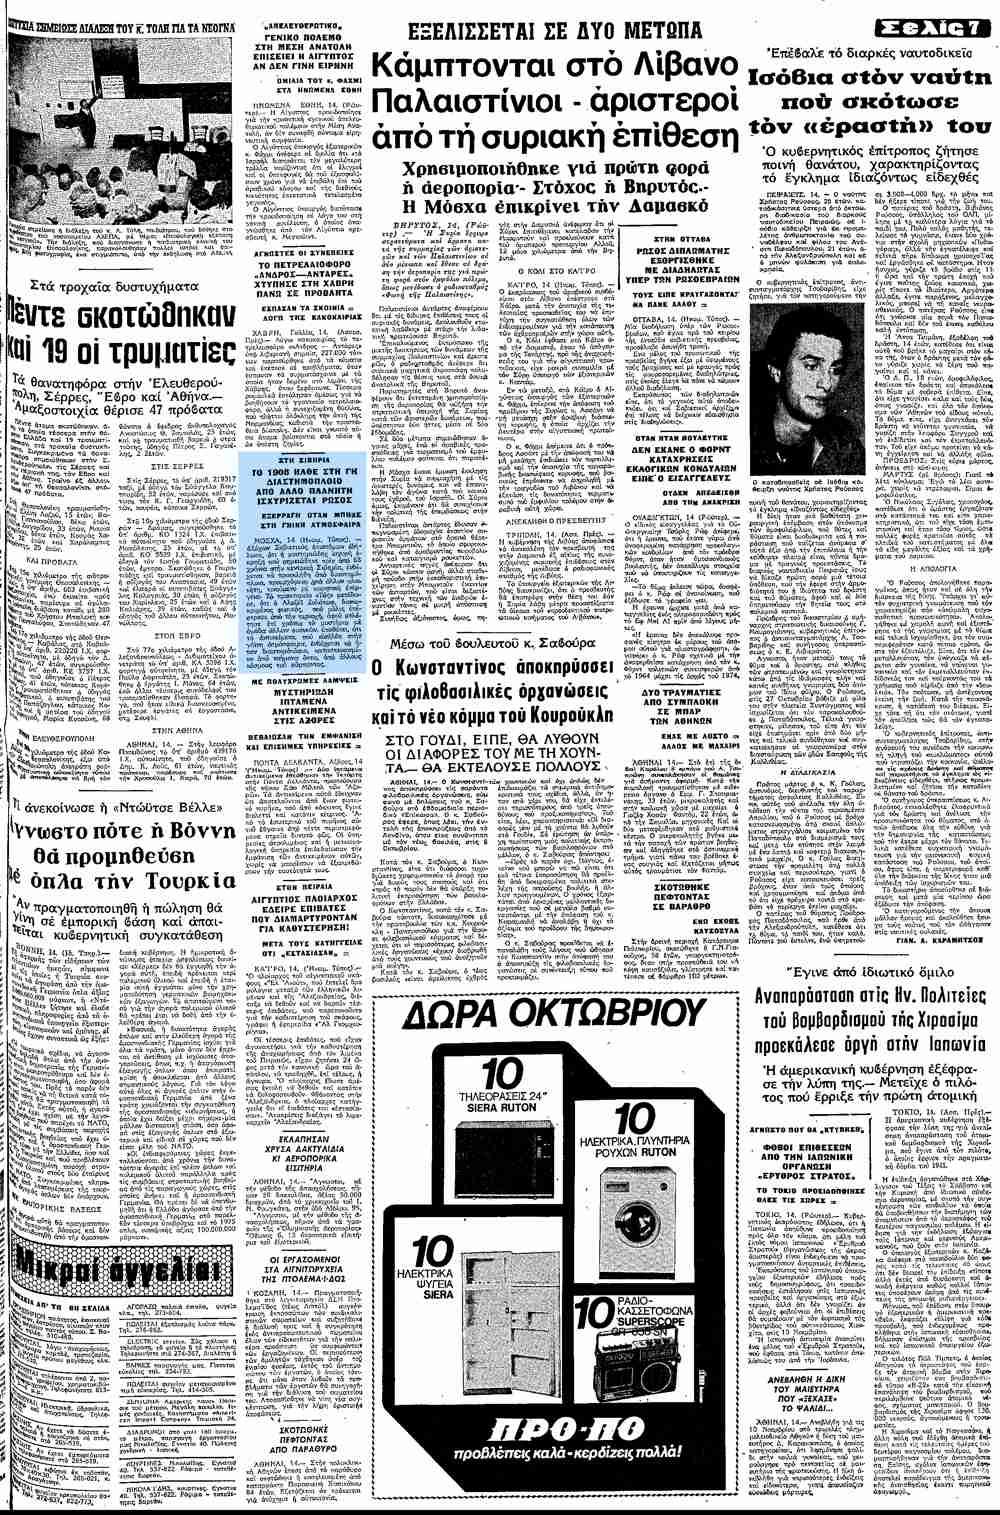 """Το άρθρο, όπως δημοσιεύθηκε στην εφημερίδα """"ΜΑΚΕΔΟΝΙΑ"""", στις 15/10/1976"""